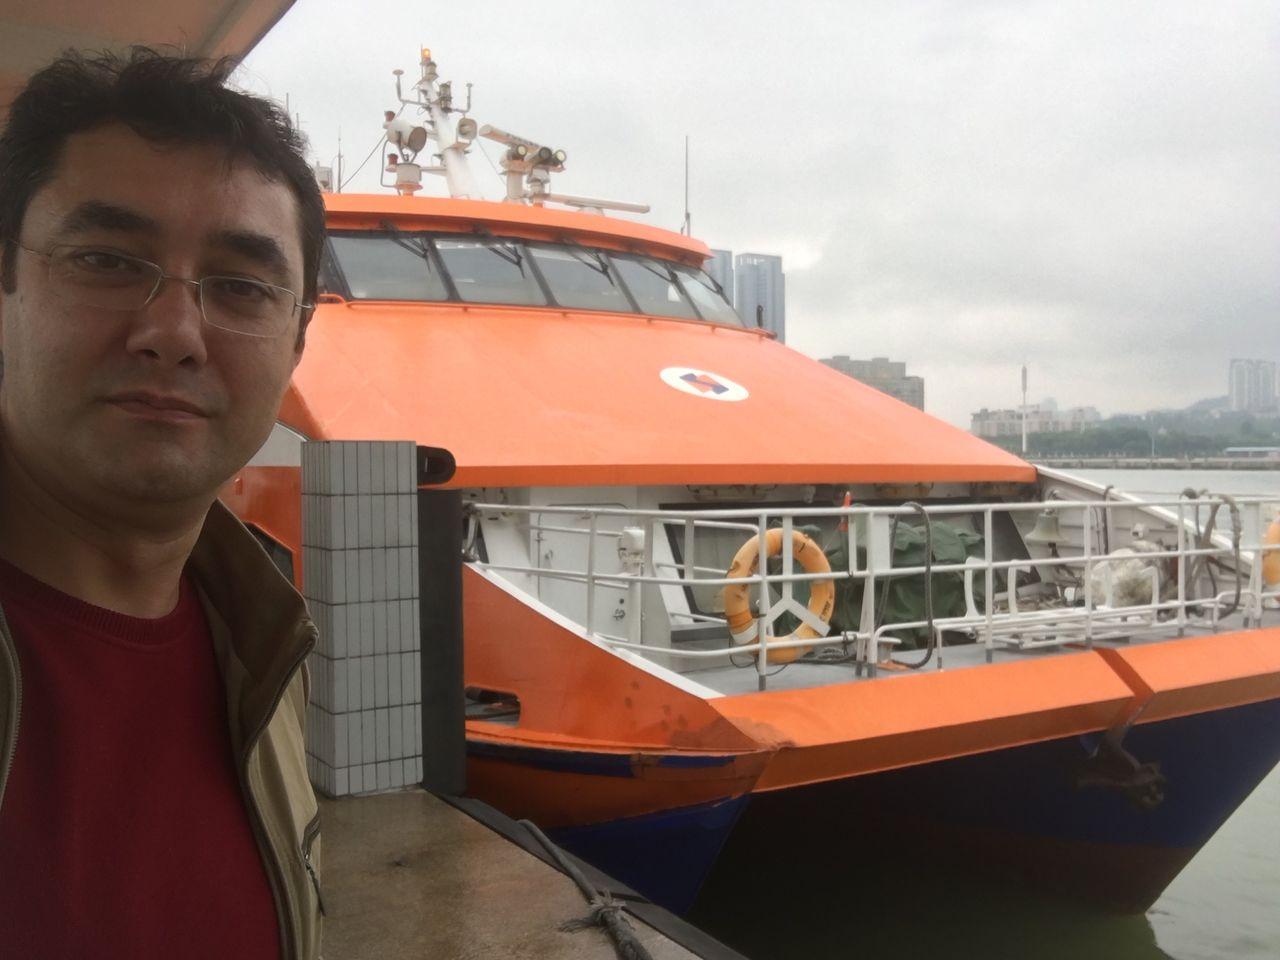 Zhuhai China Nature EyeEm Eyeem Market EyeEm Gallery EyeEm Best Shots Boat Ferry Ferryboat Beauty Of China